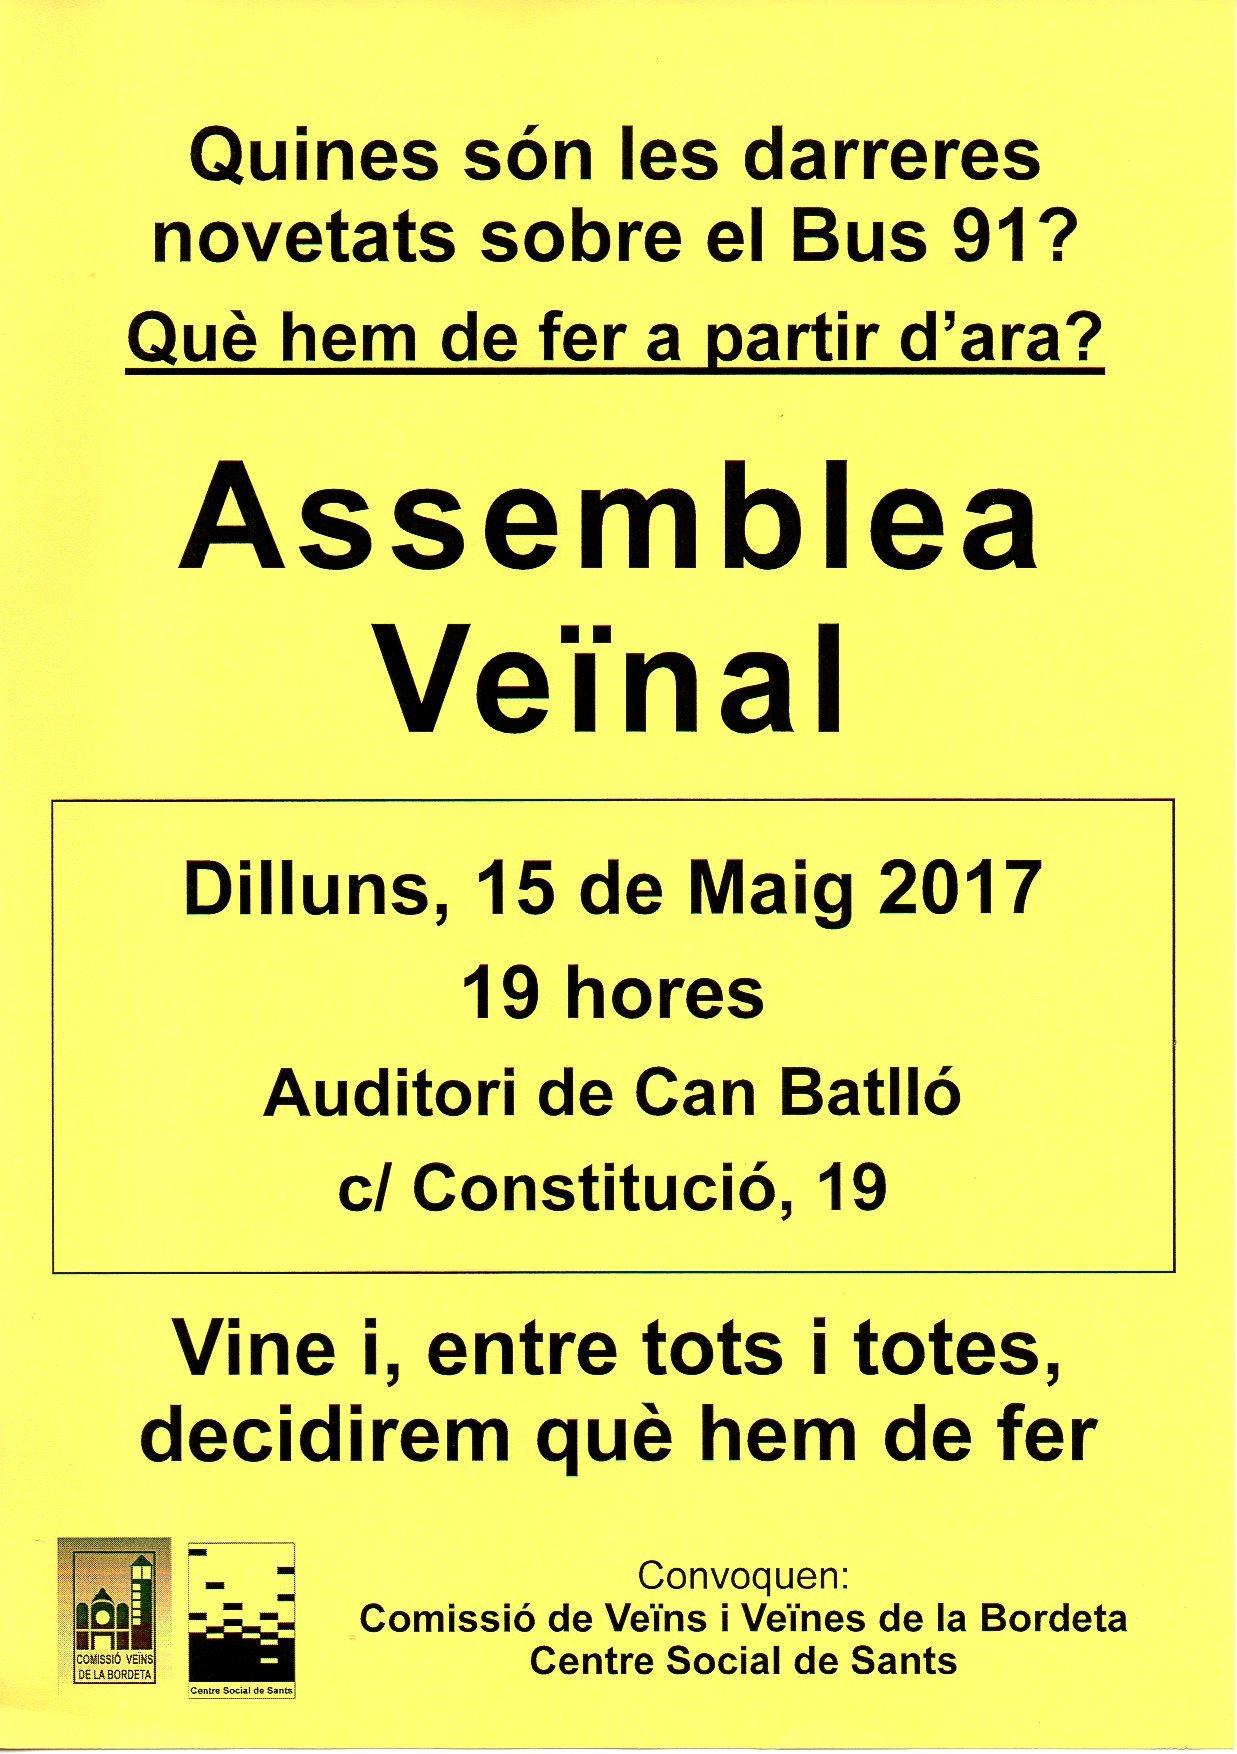 comissio-veins-bordeta-20170515-assemblea-veiumlnal-bordeta-tenim-notcies-sobre-el-bus-91--vine-a-lassemblea-del-15-de-maig